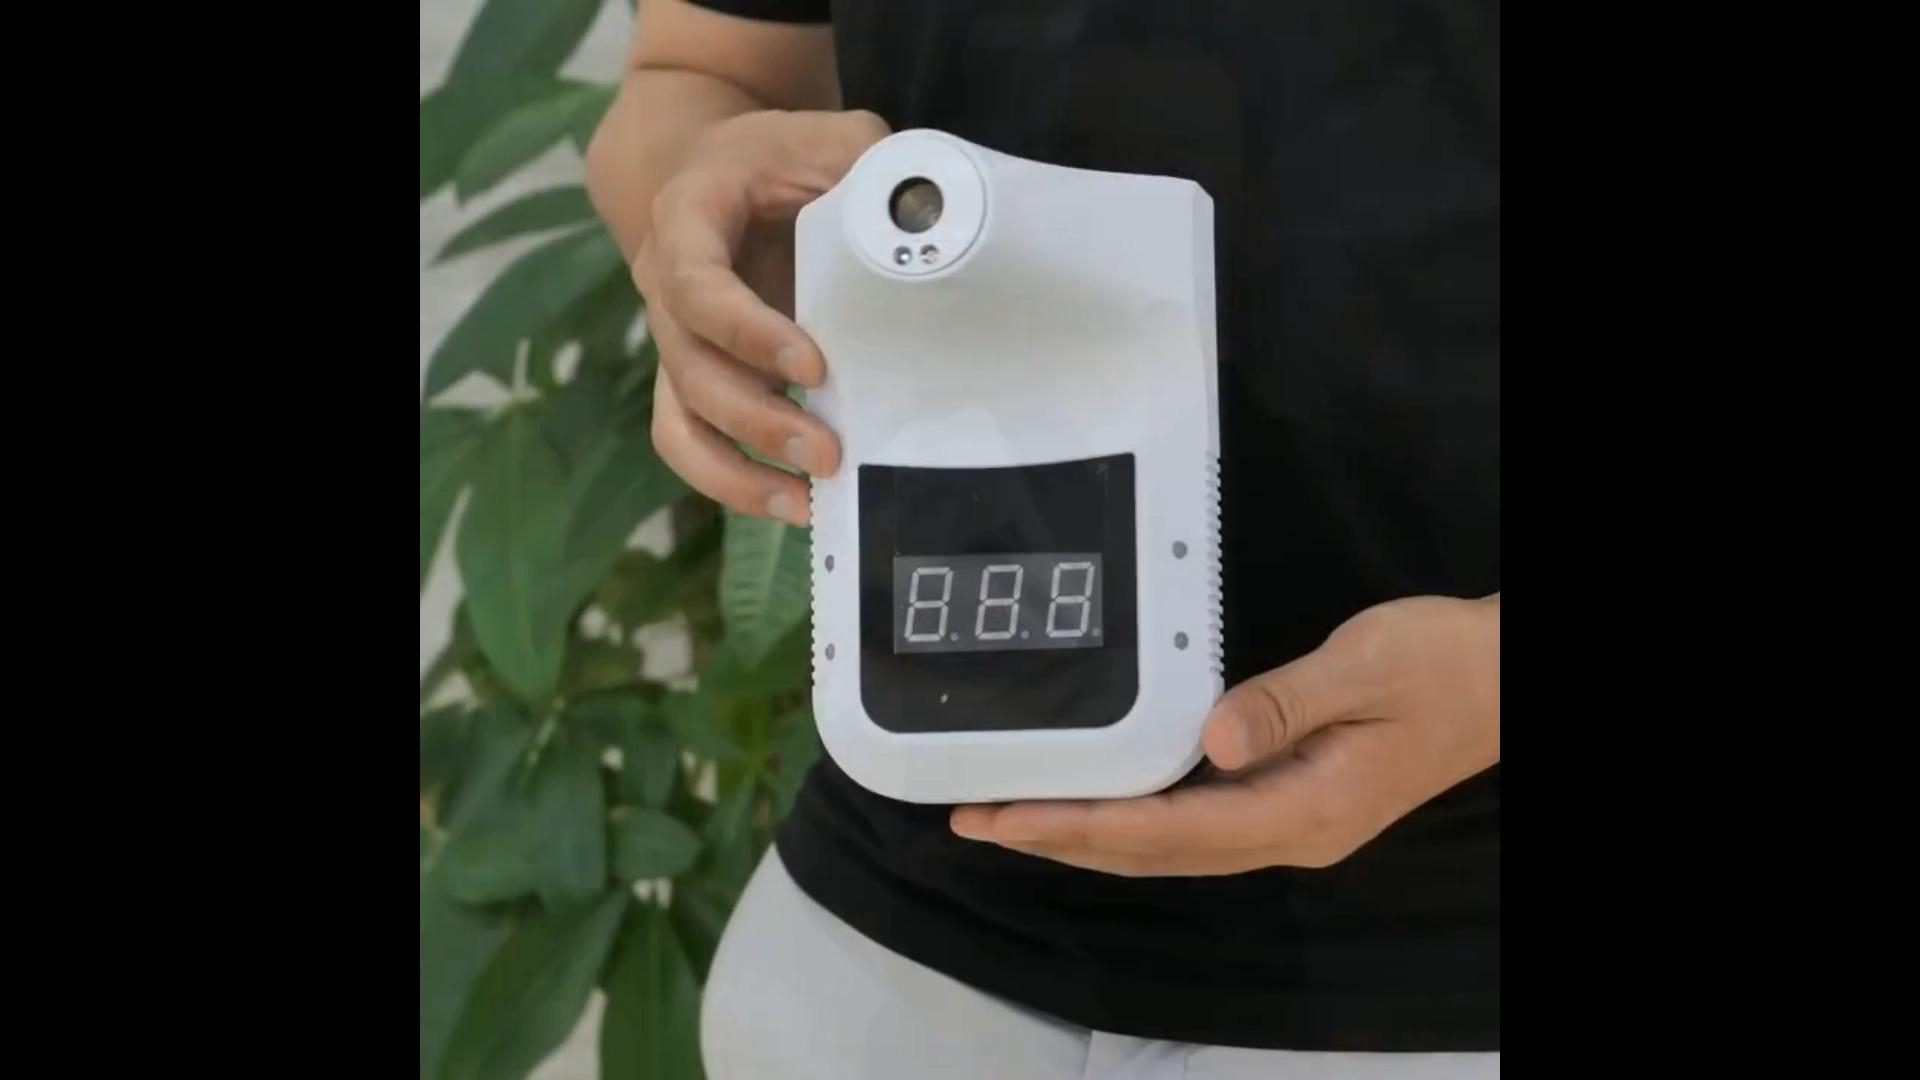 เทอร์โมมิเตอร์K3แบบเตือนอุณหภูมิสูง,ติดผนังความแม่นยำสูง